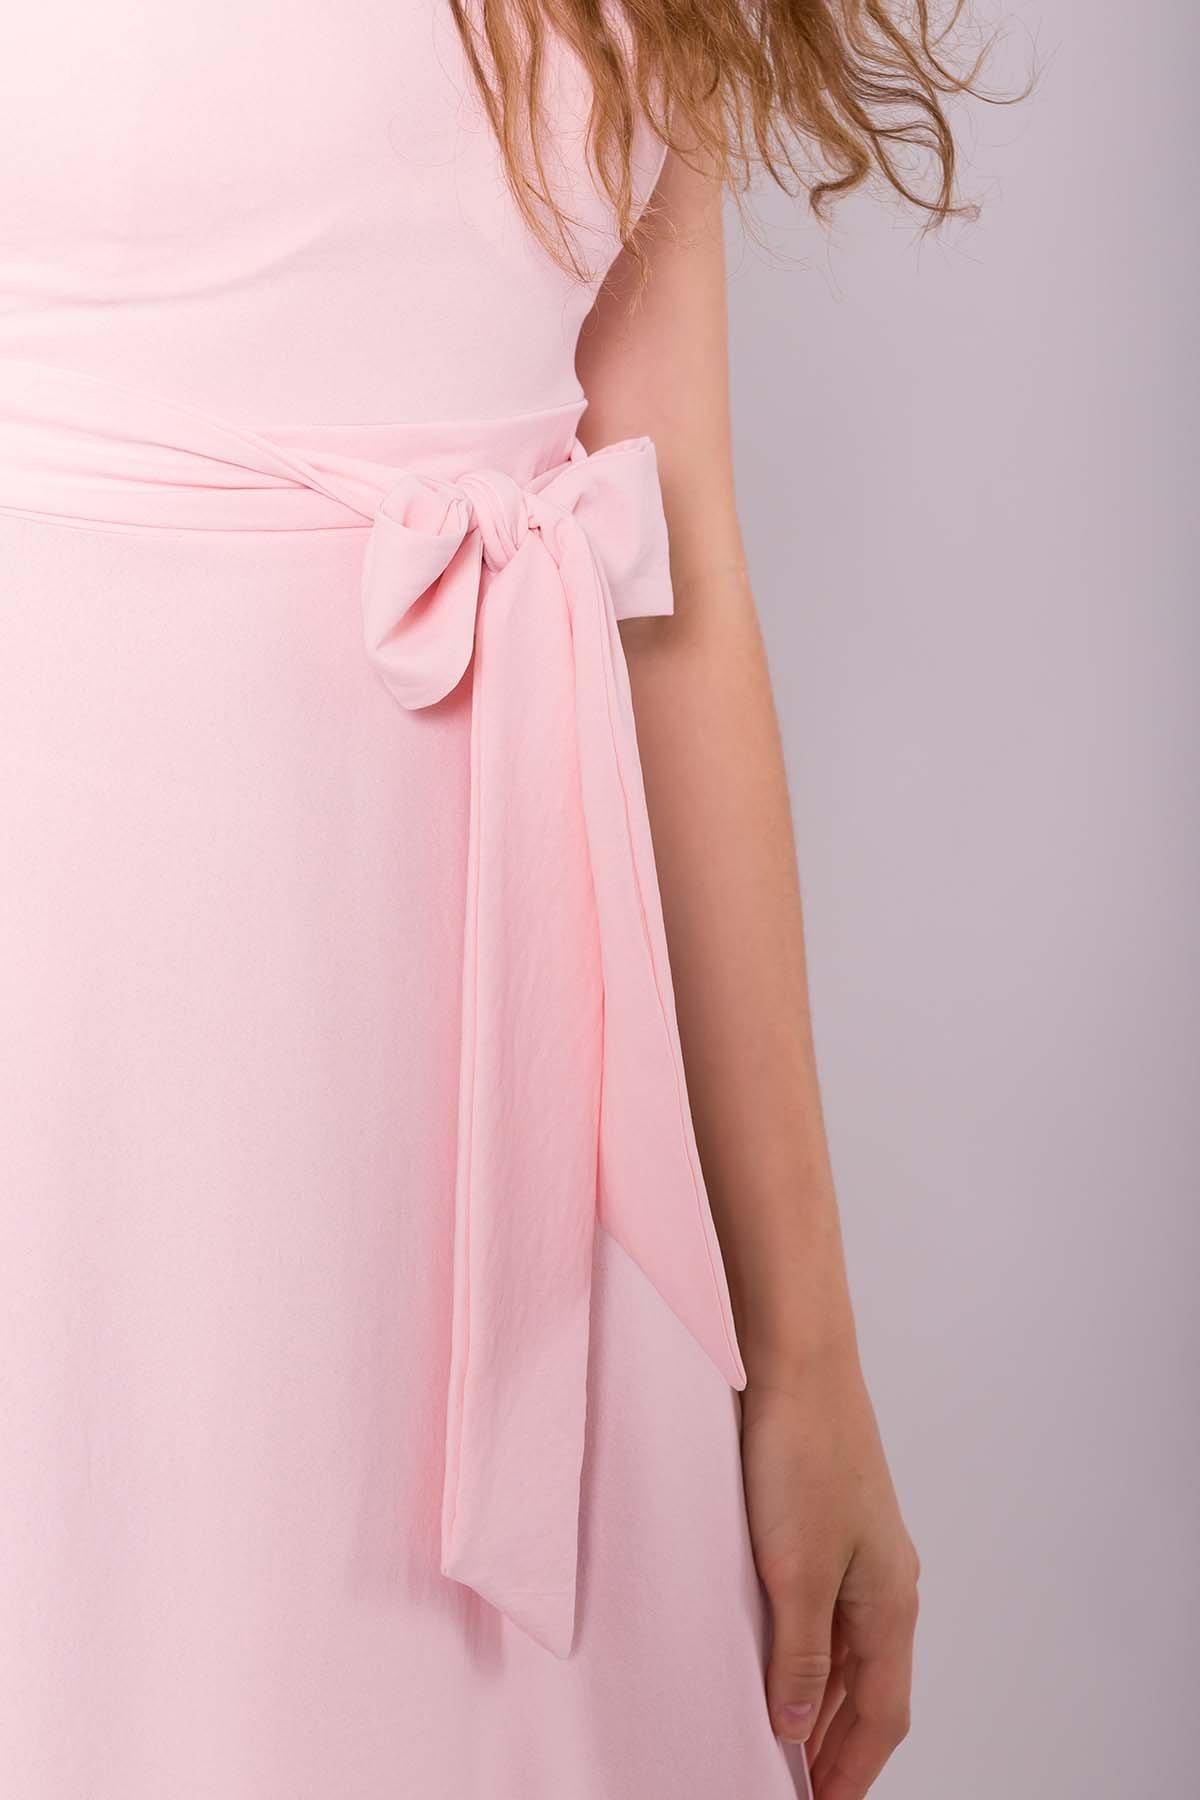 Платье Жане 7181 АРТ. 42597 Цвет: Розовый - фото 5, интернет магазин tm-modus.ru